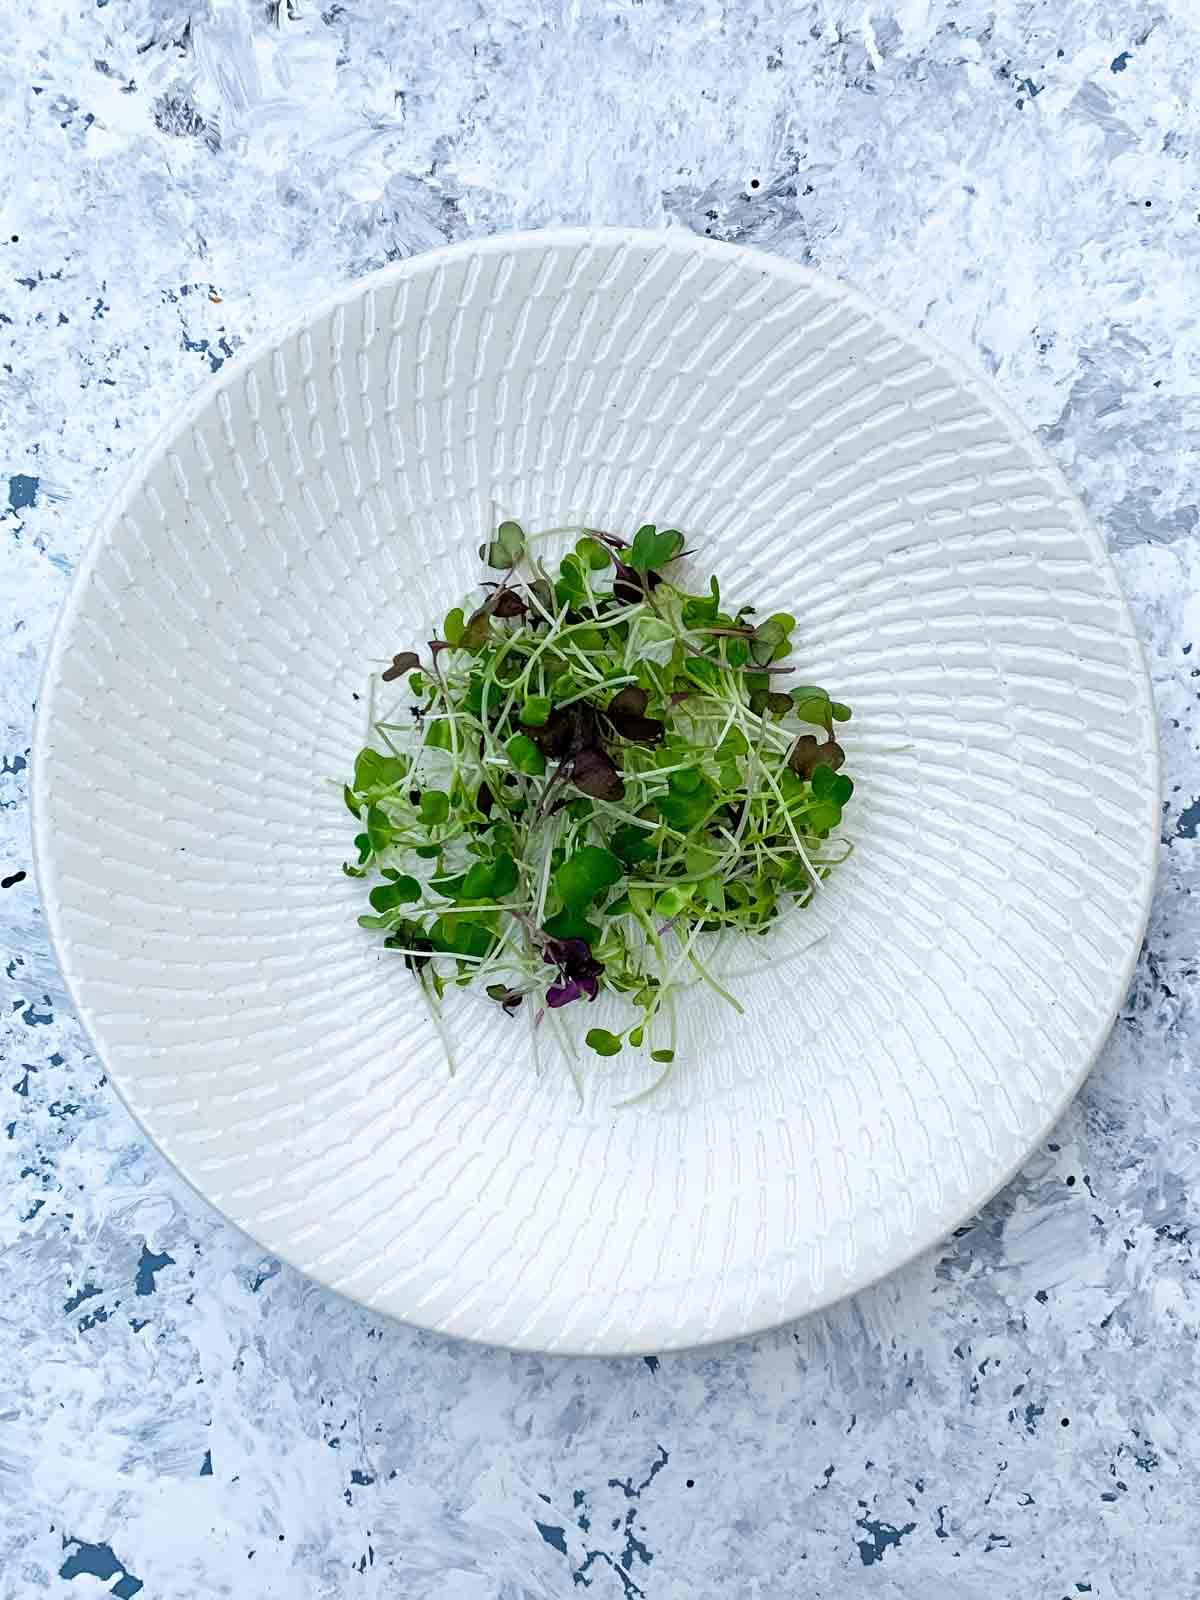 Microgreen salad mix